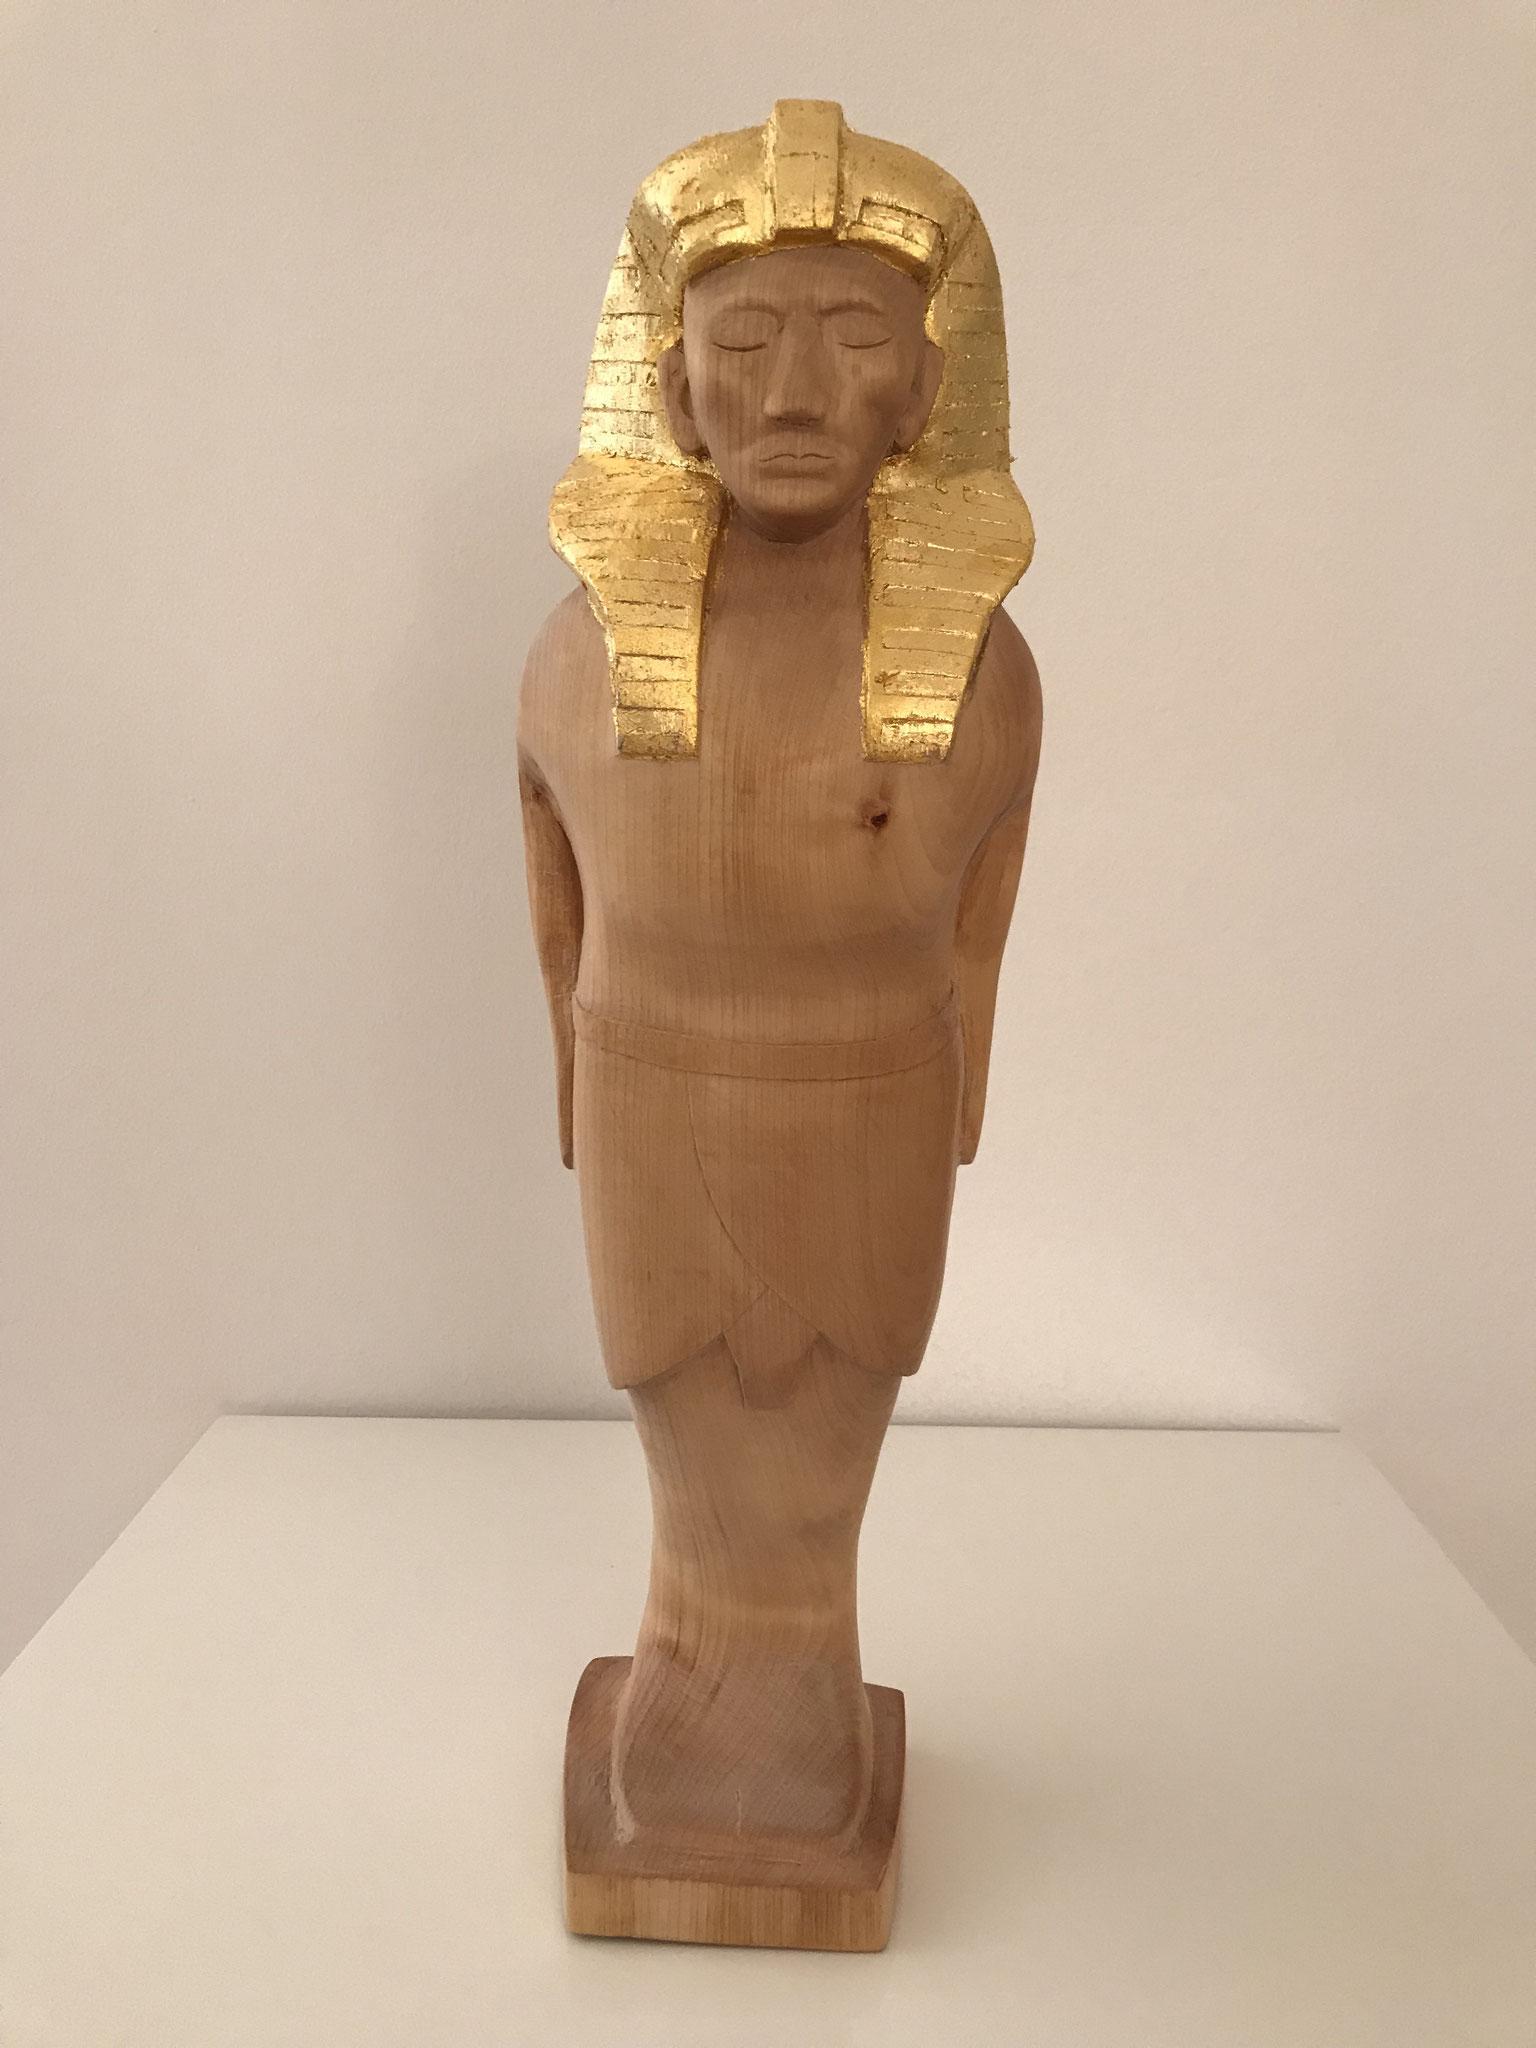 Ushabti Skulptur Aus Lindenholz Vergoldet Mit 24 Karat Blattgold